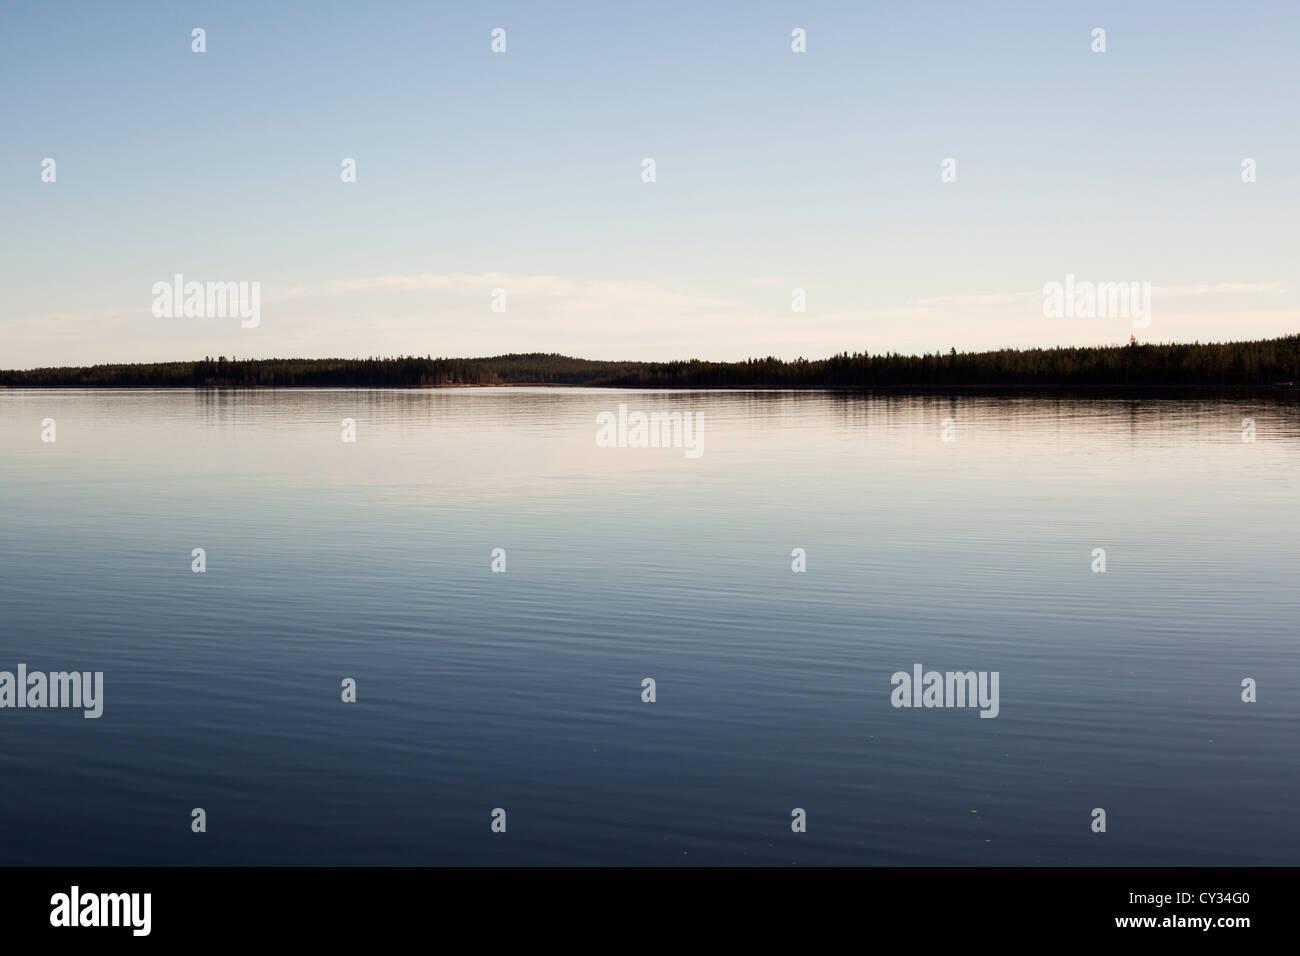 Taken outside Byske in northern Sweden - Stock Image